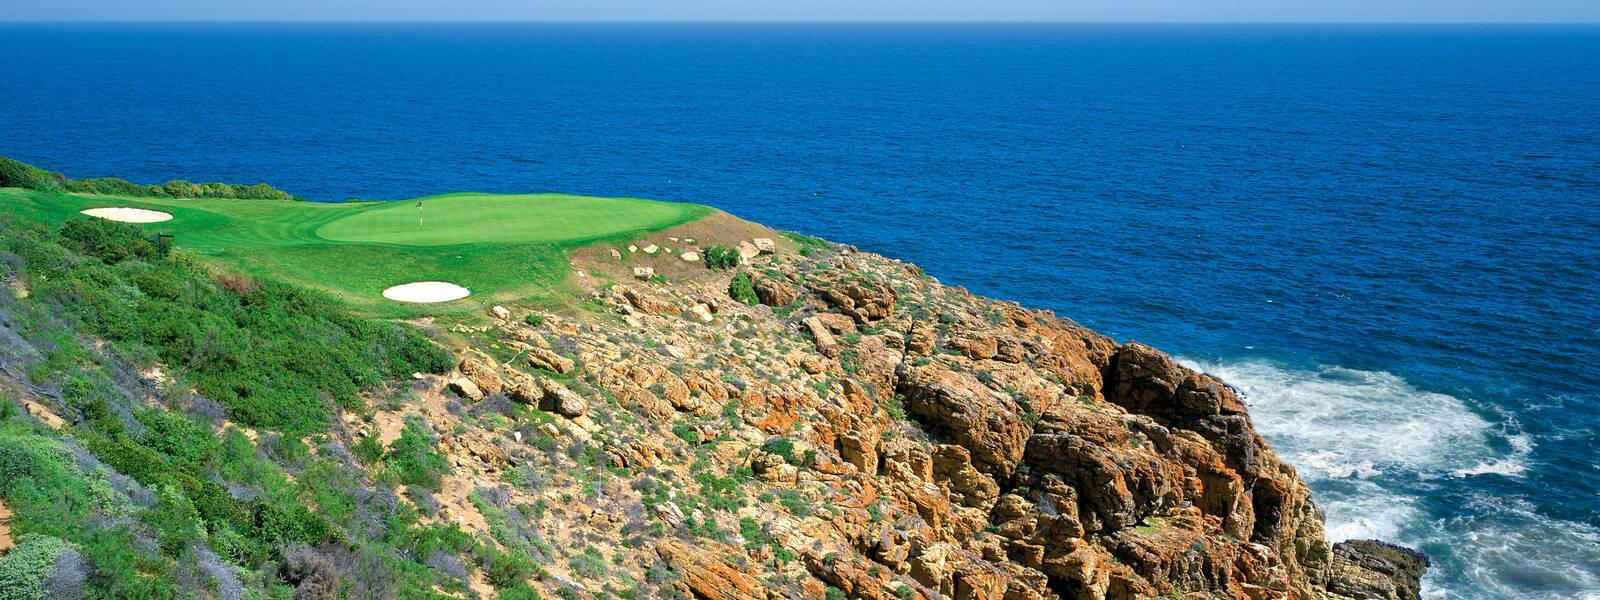 Golf-Gruppenreisen